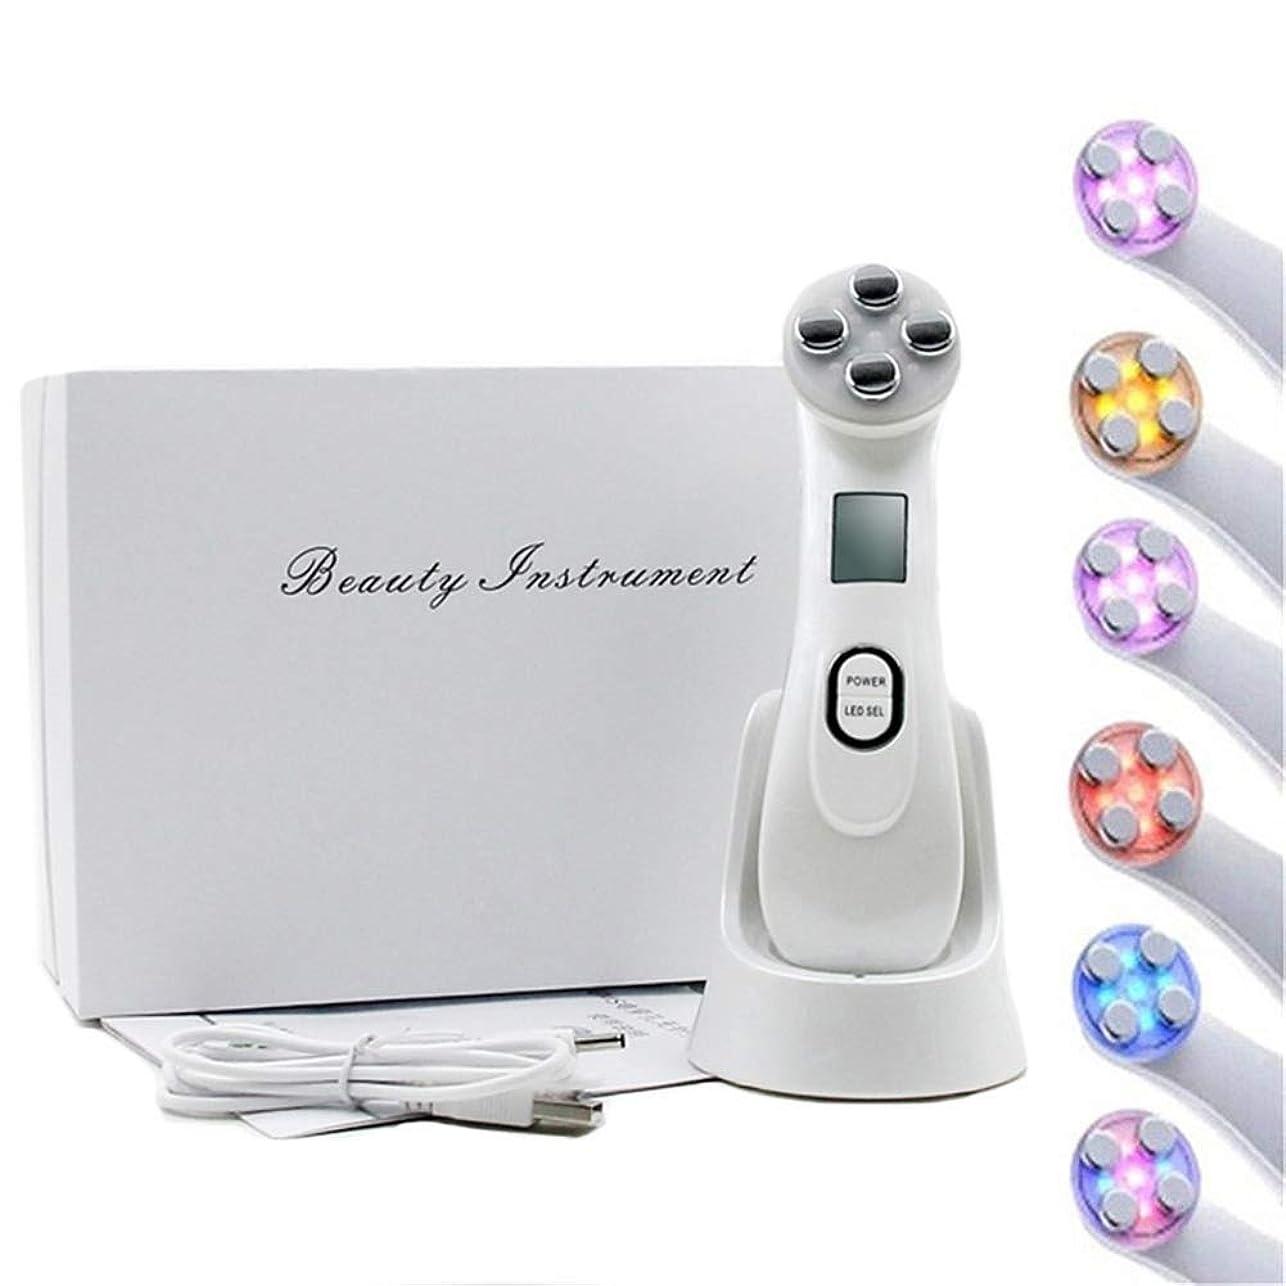 情熱やさしくヘッジ顔の皮膚EMS医療電気RF無線周波数無線周波数顔のスキンケア機器顔のリフティング引き締め美容機